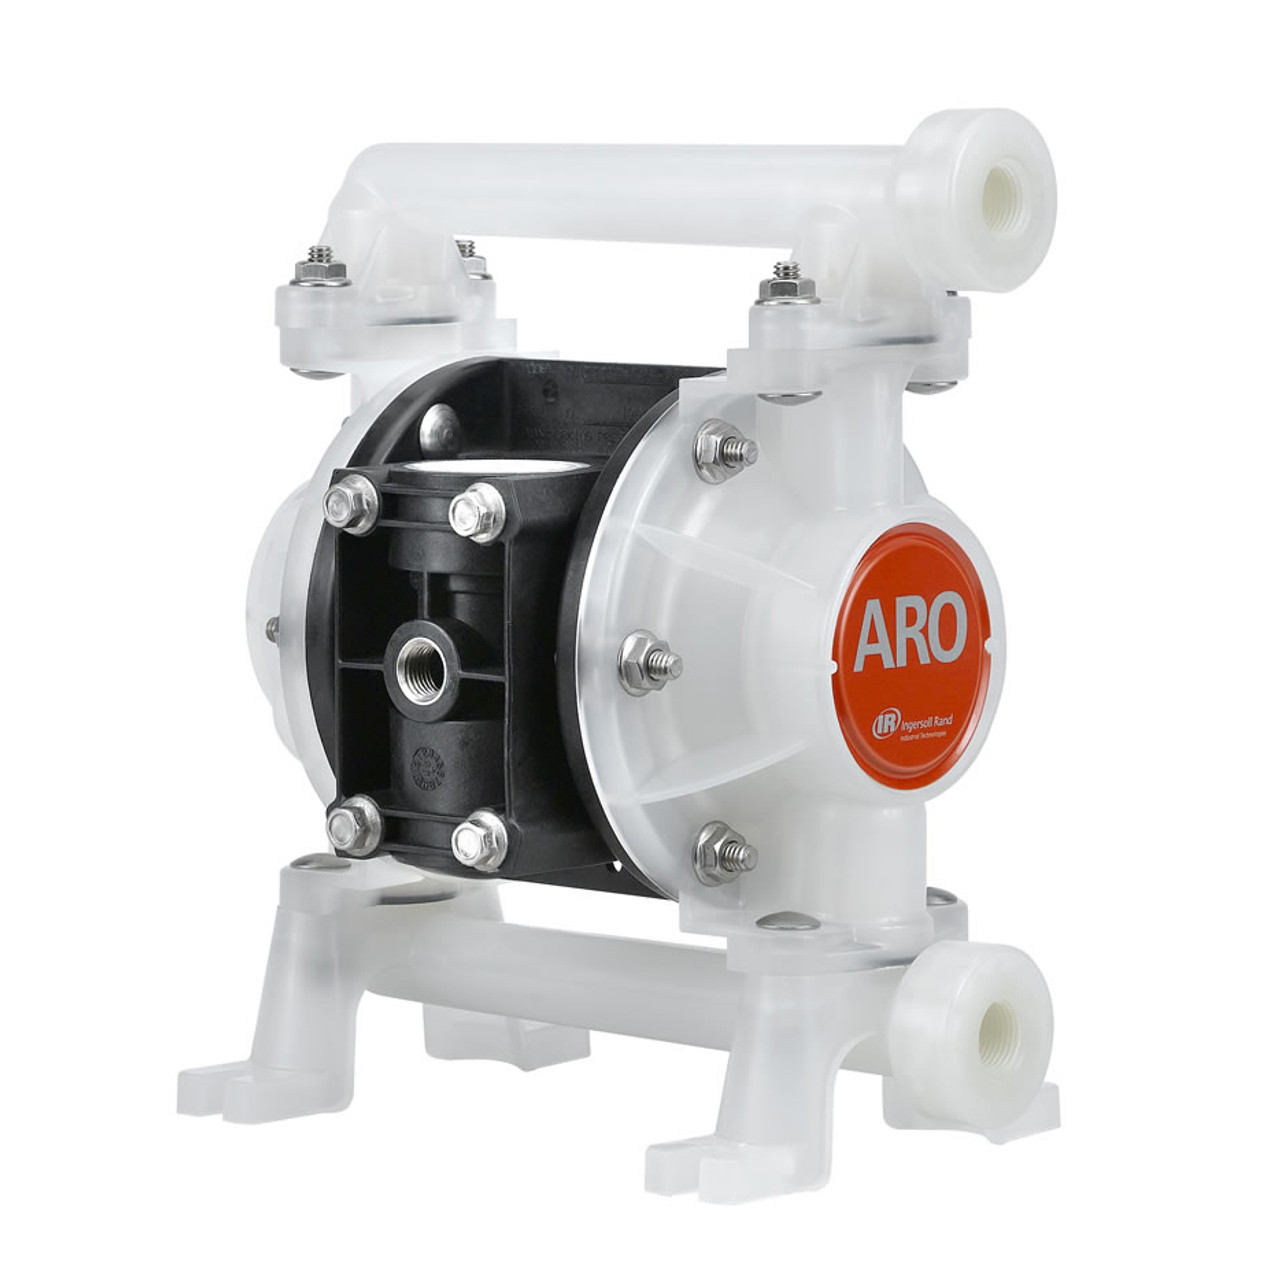 ARO 3/8 in  Polypropylene Non-Metallic Air Diaphragm Pump